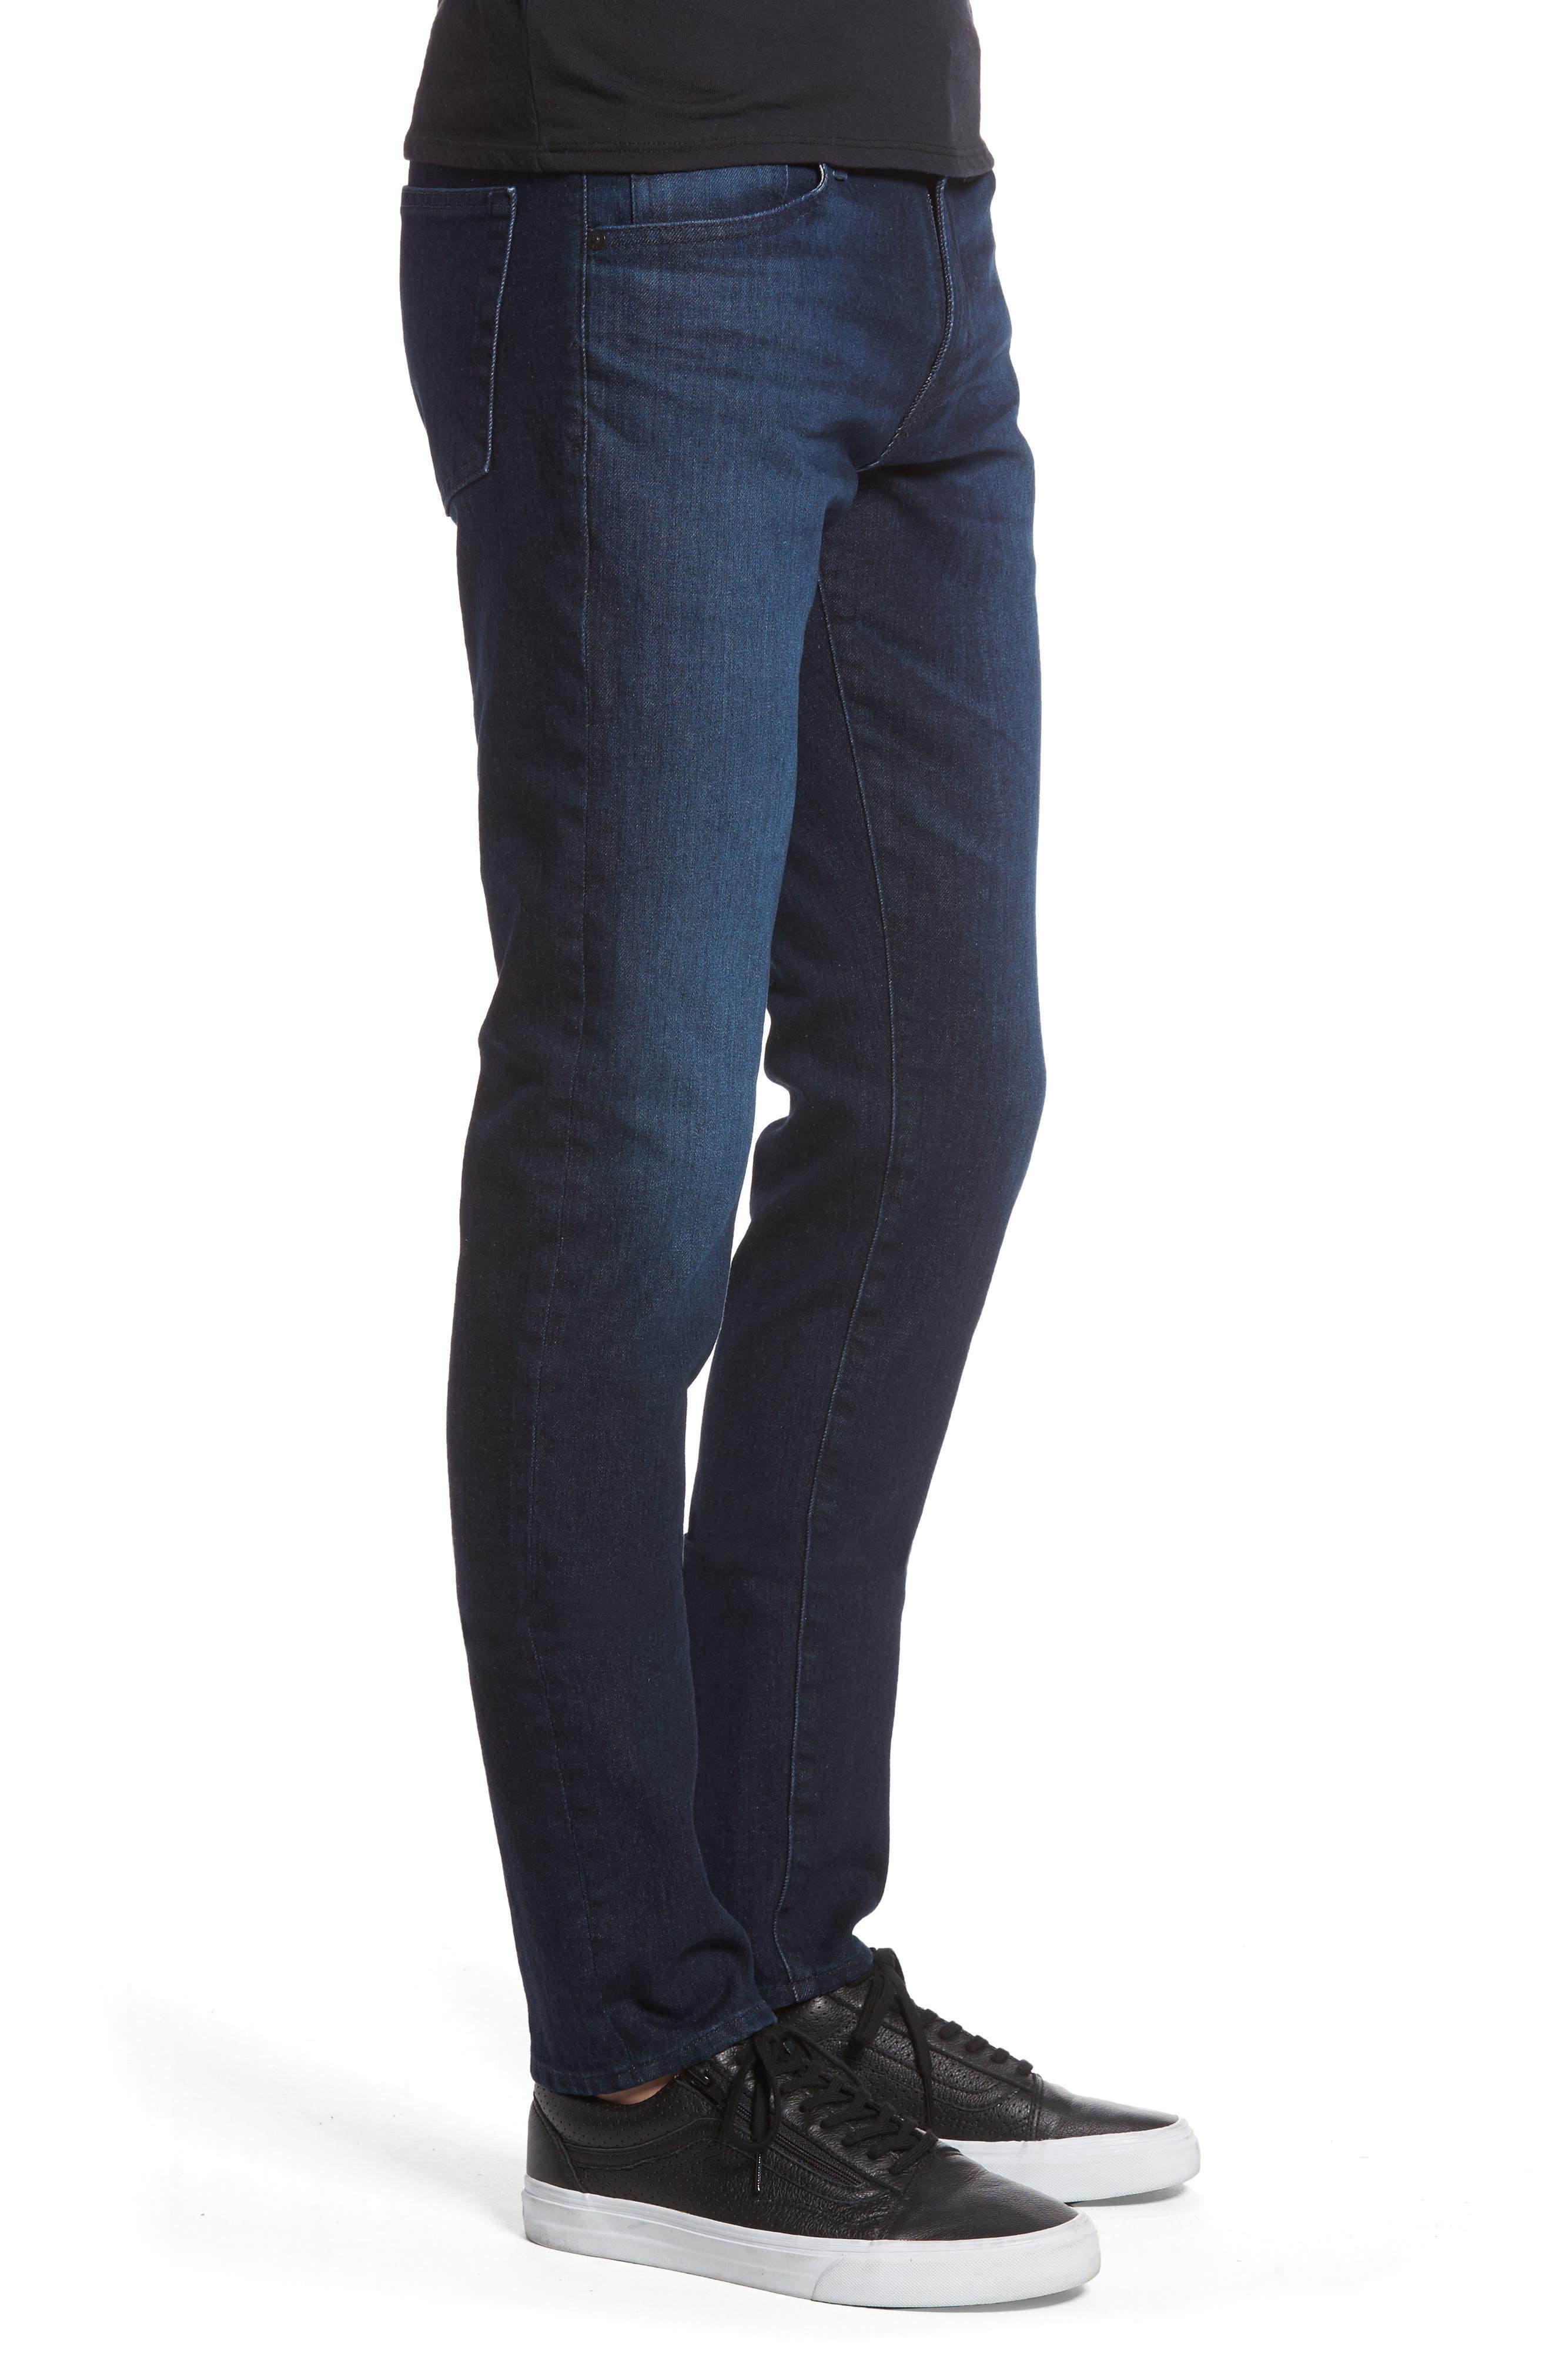 Stockton Skinny Fit Jeans,                             Alternate thumbnail 3, color,                             482